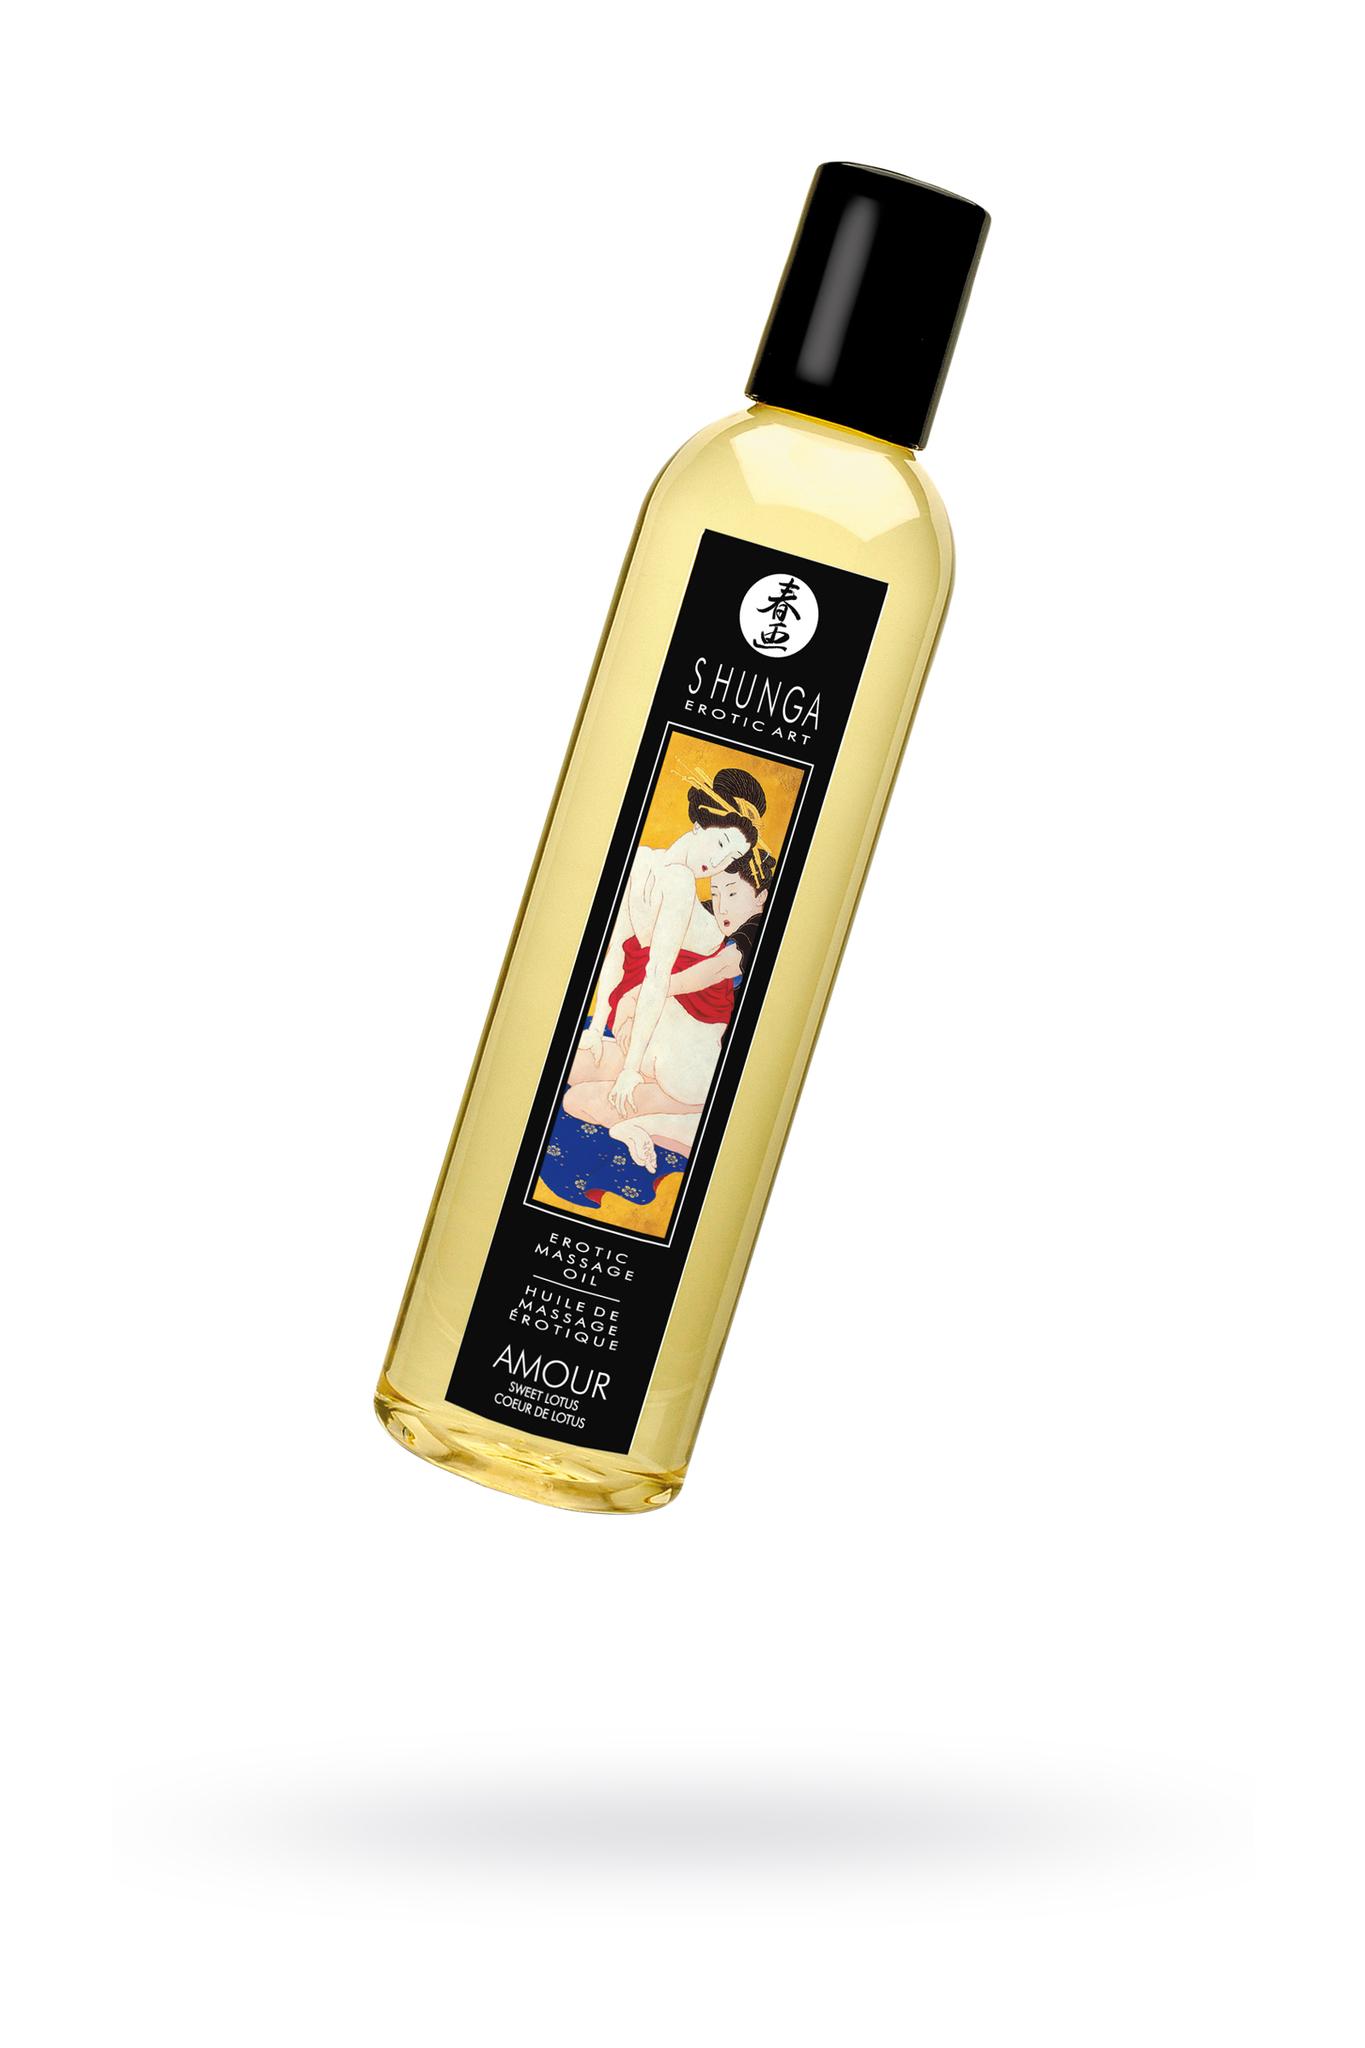 Масло для массажа Shunga Amour «Sweet Lotus», натуральное, возбуждающее, с цветочным ароматом, 250 мл фото